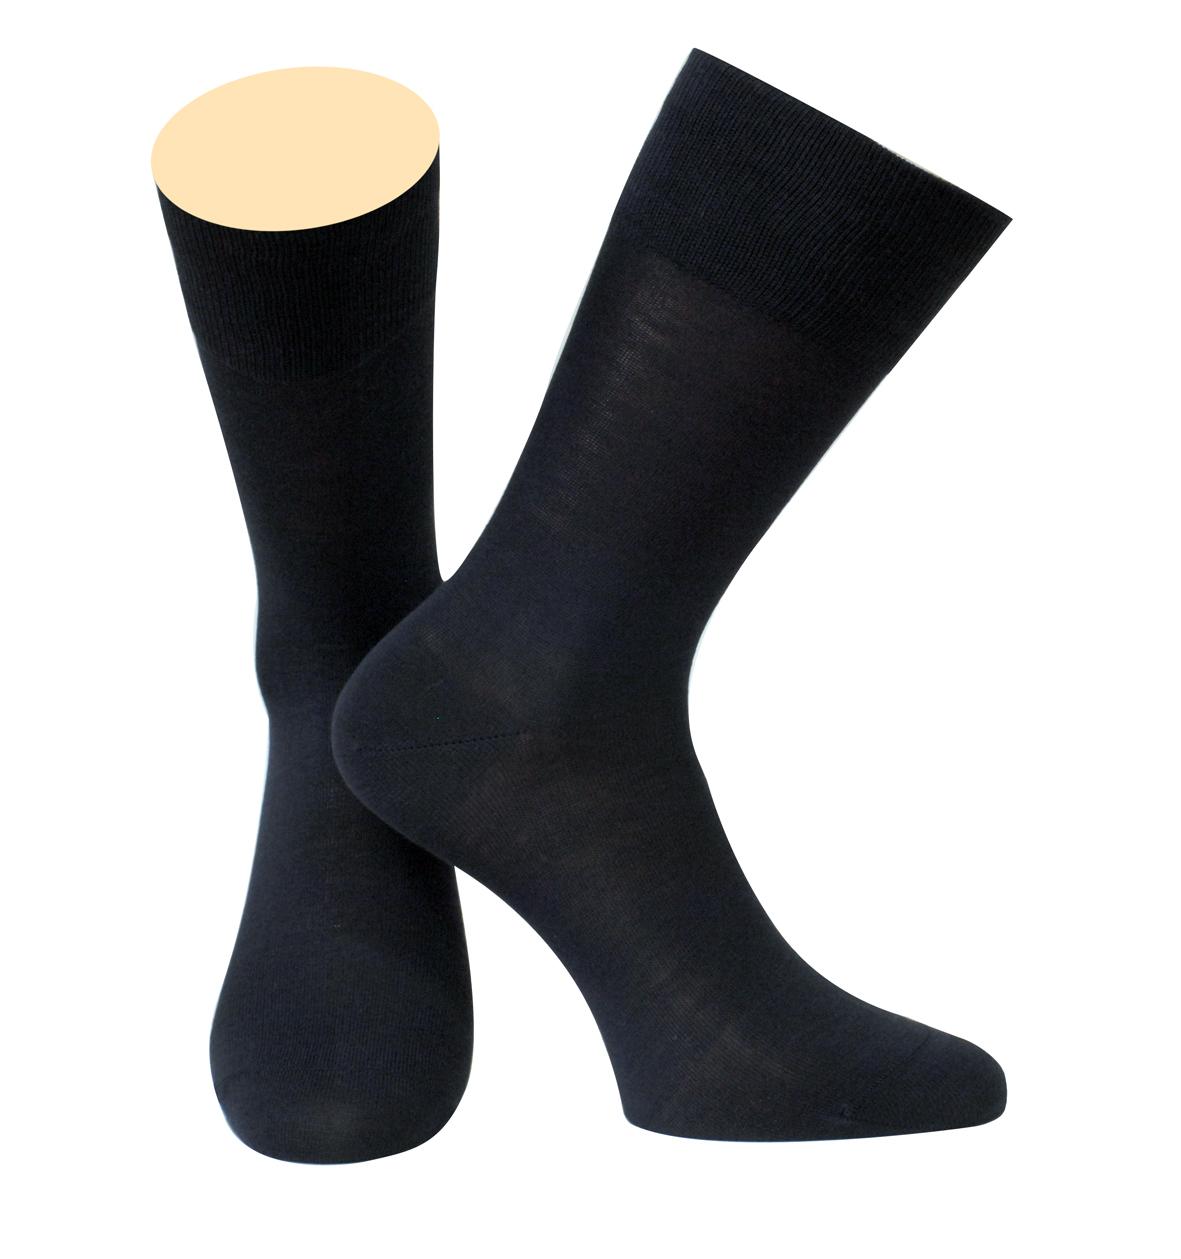 Носки142/01Мужские носки Collonil изготовлены из мерсеризованного хлопка. Носки с удлиненным паголенком. Широкая резинка не сдавливает и комфортно облегает ногу.